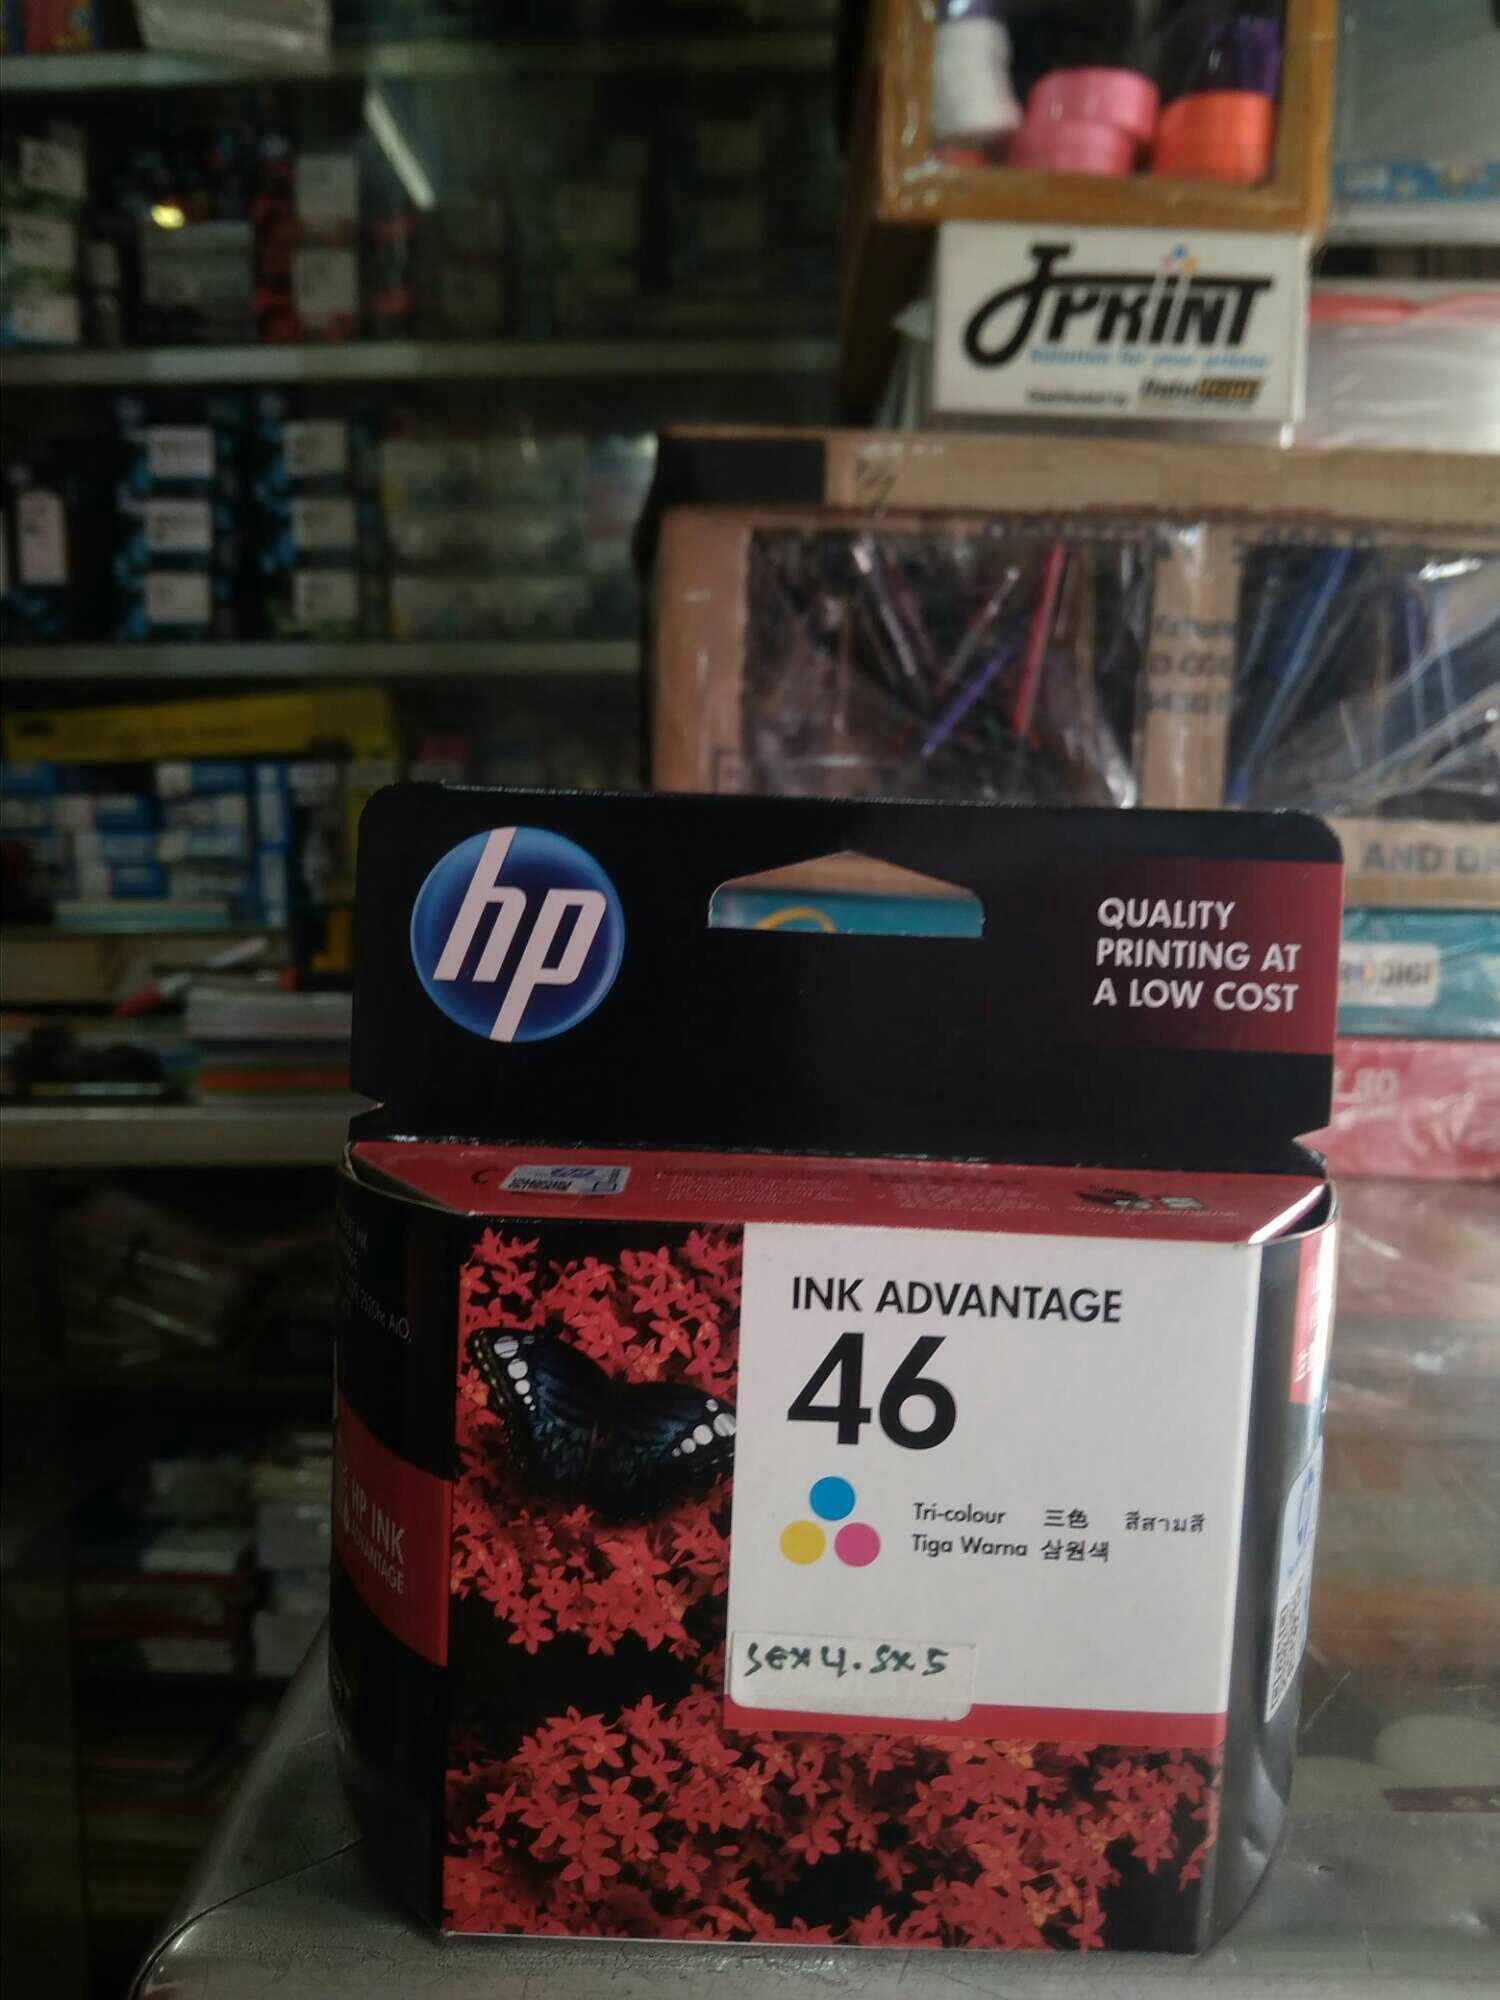 Jual Printer Cartridge Tinta Hp 680 Black 1115 46 Colour Original